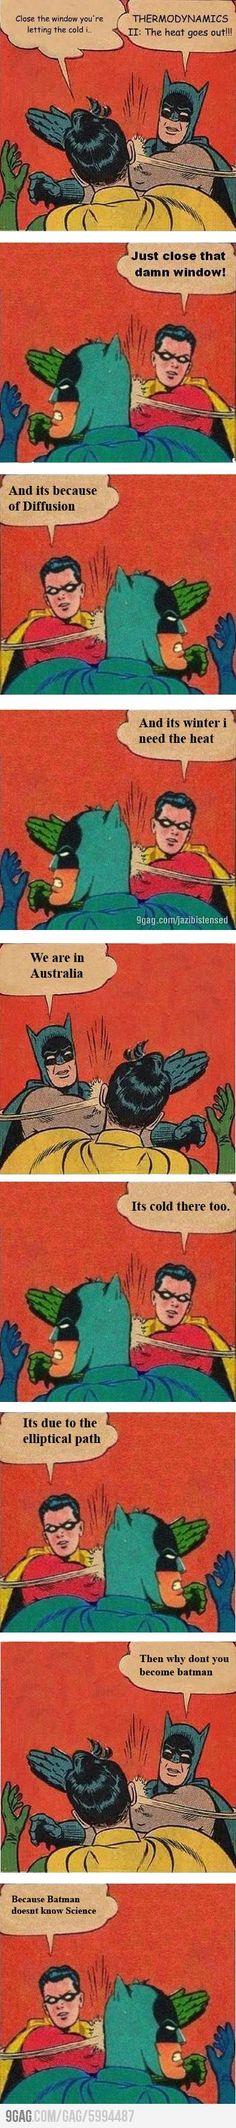 Batman vs Robin.   Funny except for lack of apostrophes...